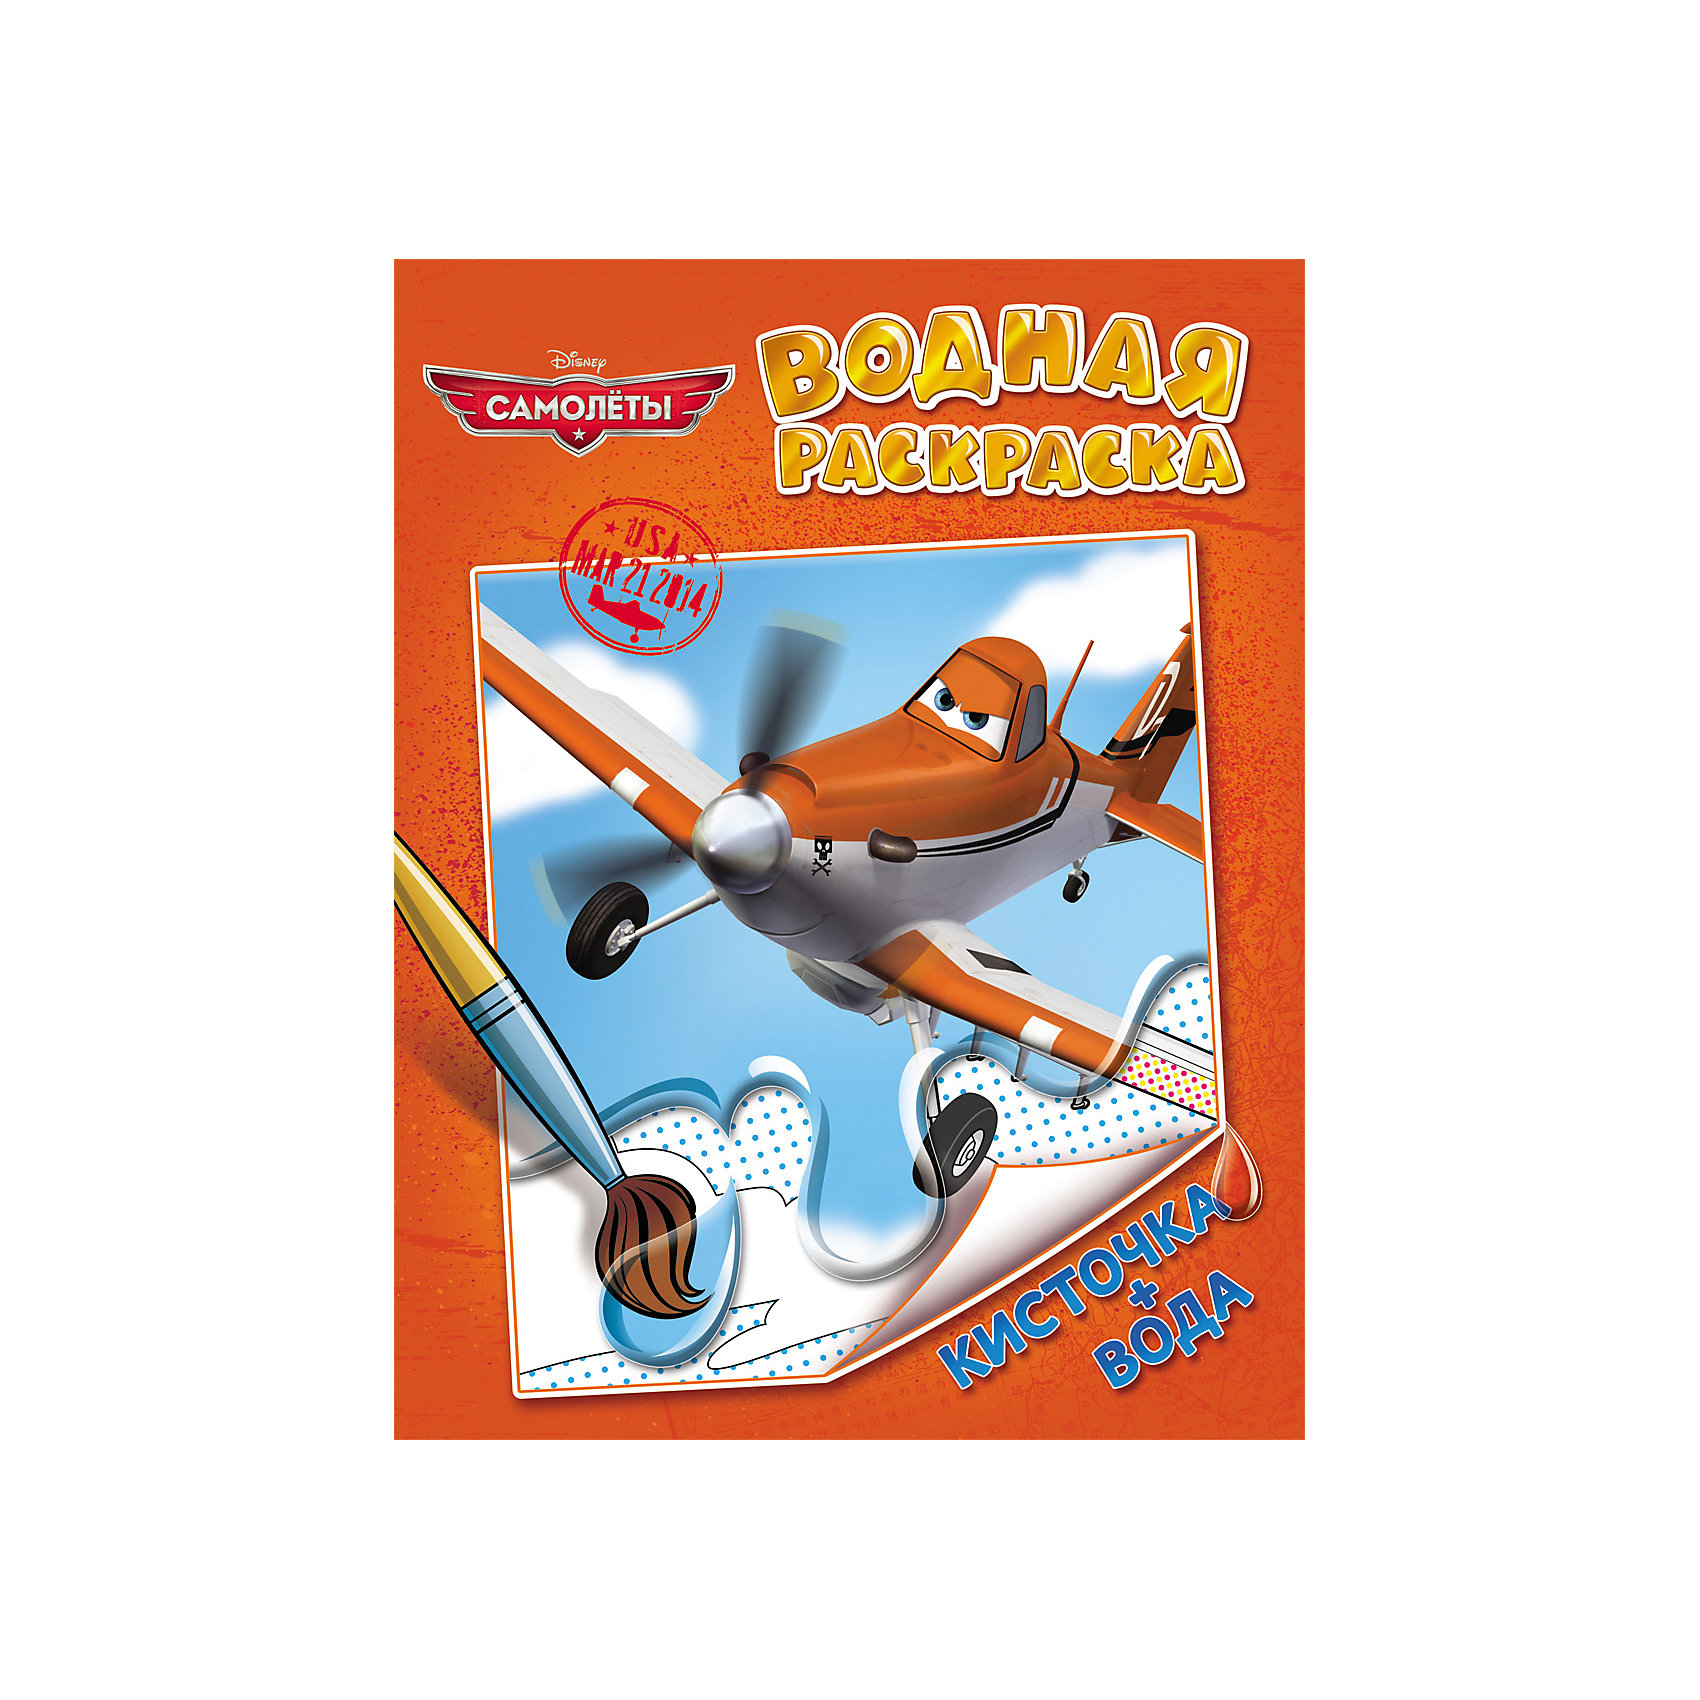 Водная раскраска, Disney СамолетыТворчество для малышей<br>Водные раскраски - одна из любимых забав малышей, ведь стоит только провести мокрой кисточкой по рисунку, как он в одно мгновение заиграет разноцветными красками. На страницах водной раскраски Disney Самолеты Ваш ребенок встретит любимых героев из популярного диснеевского мультфильма Planes и поможет им стать такими же яркими как в любимом мультике.<br><br>Дополнительная информация:<br><br>- Материал: бумага.<br>- Объем: 8 стр.<br>- Размер: 27,5 х 21 х 0,2 см.<br>- Вес: 58 гр.<br><br>Водную раскраску, Disney Самолеты, можно купить в нашем интернет-магазине.<br><br>Ширина мм: 275<br>Глубина мм: 210<br>Высота мм: 2<br>Вес г: 58<br>Возраст от месяцев: 18<br>Возраст до месяцев: 48<br>Пол: Мужской<br>Возраст: Детский<br>SKU: 4046765